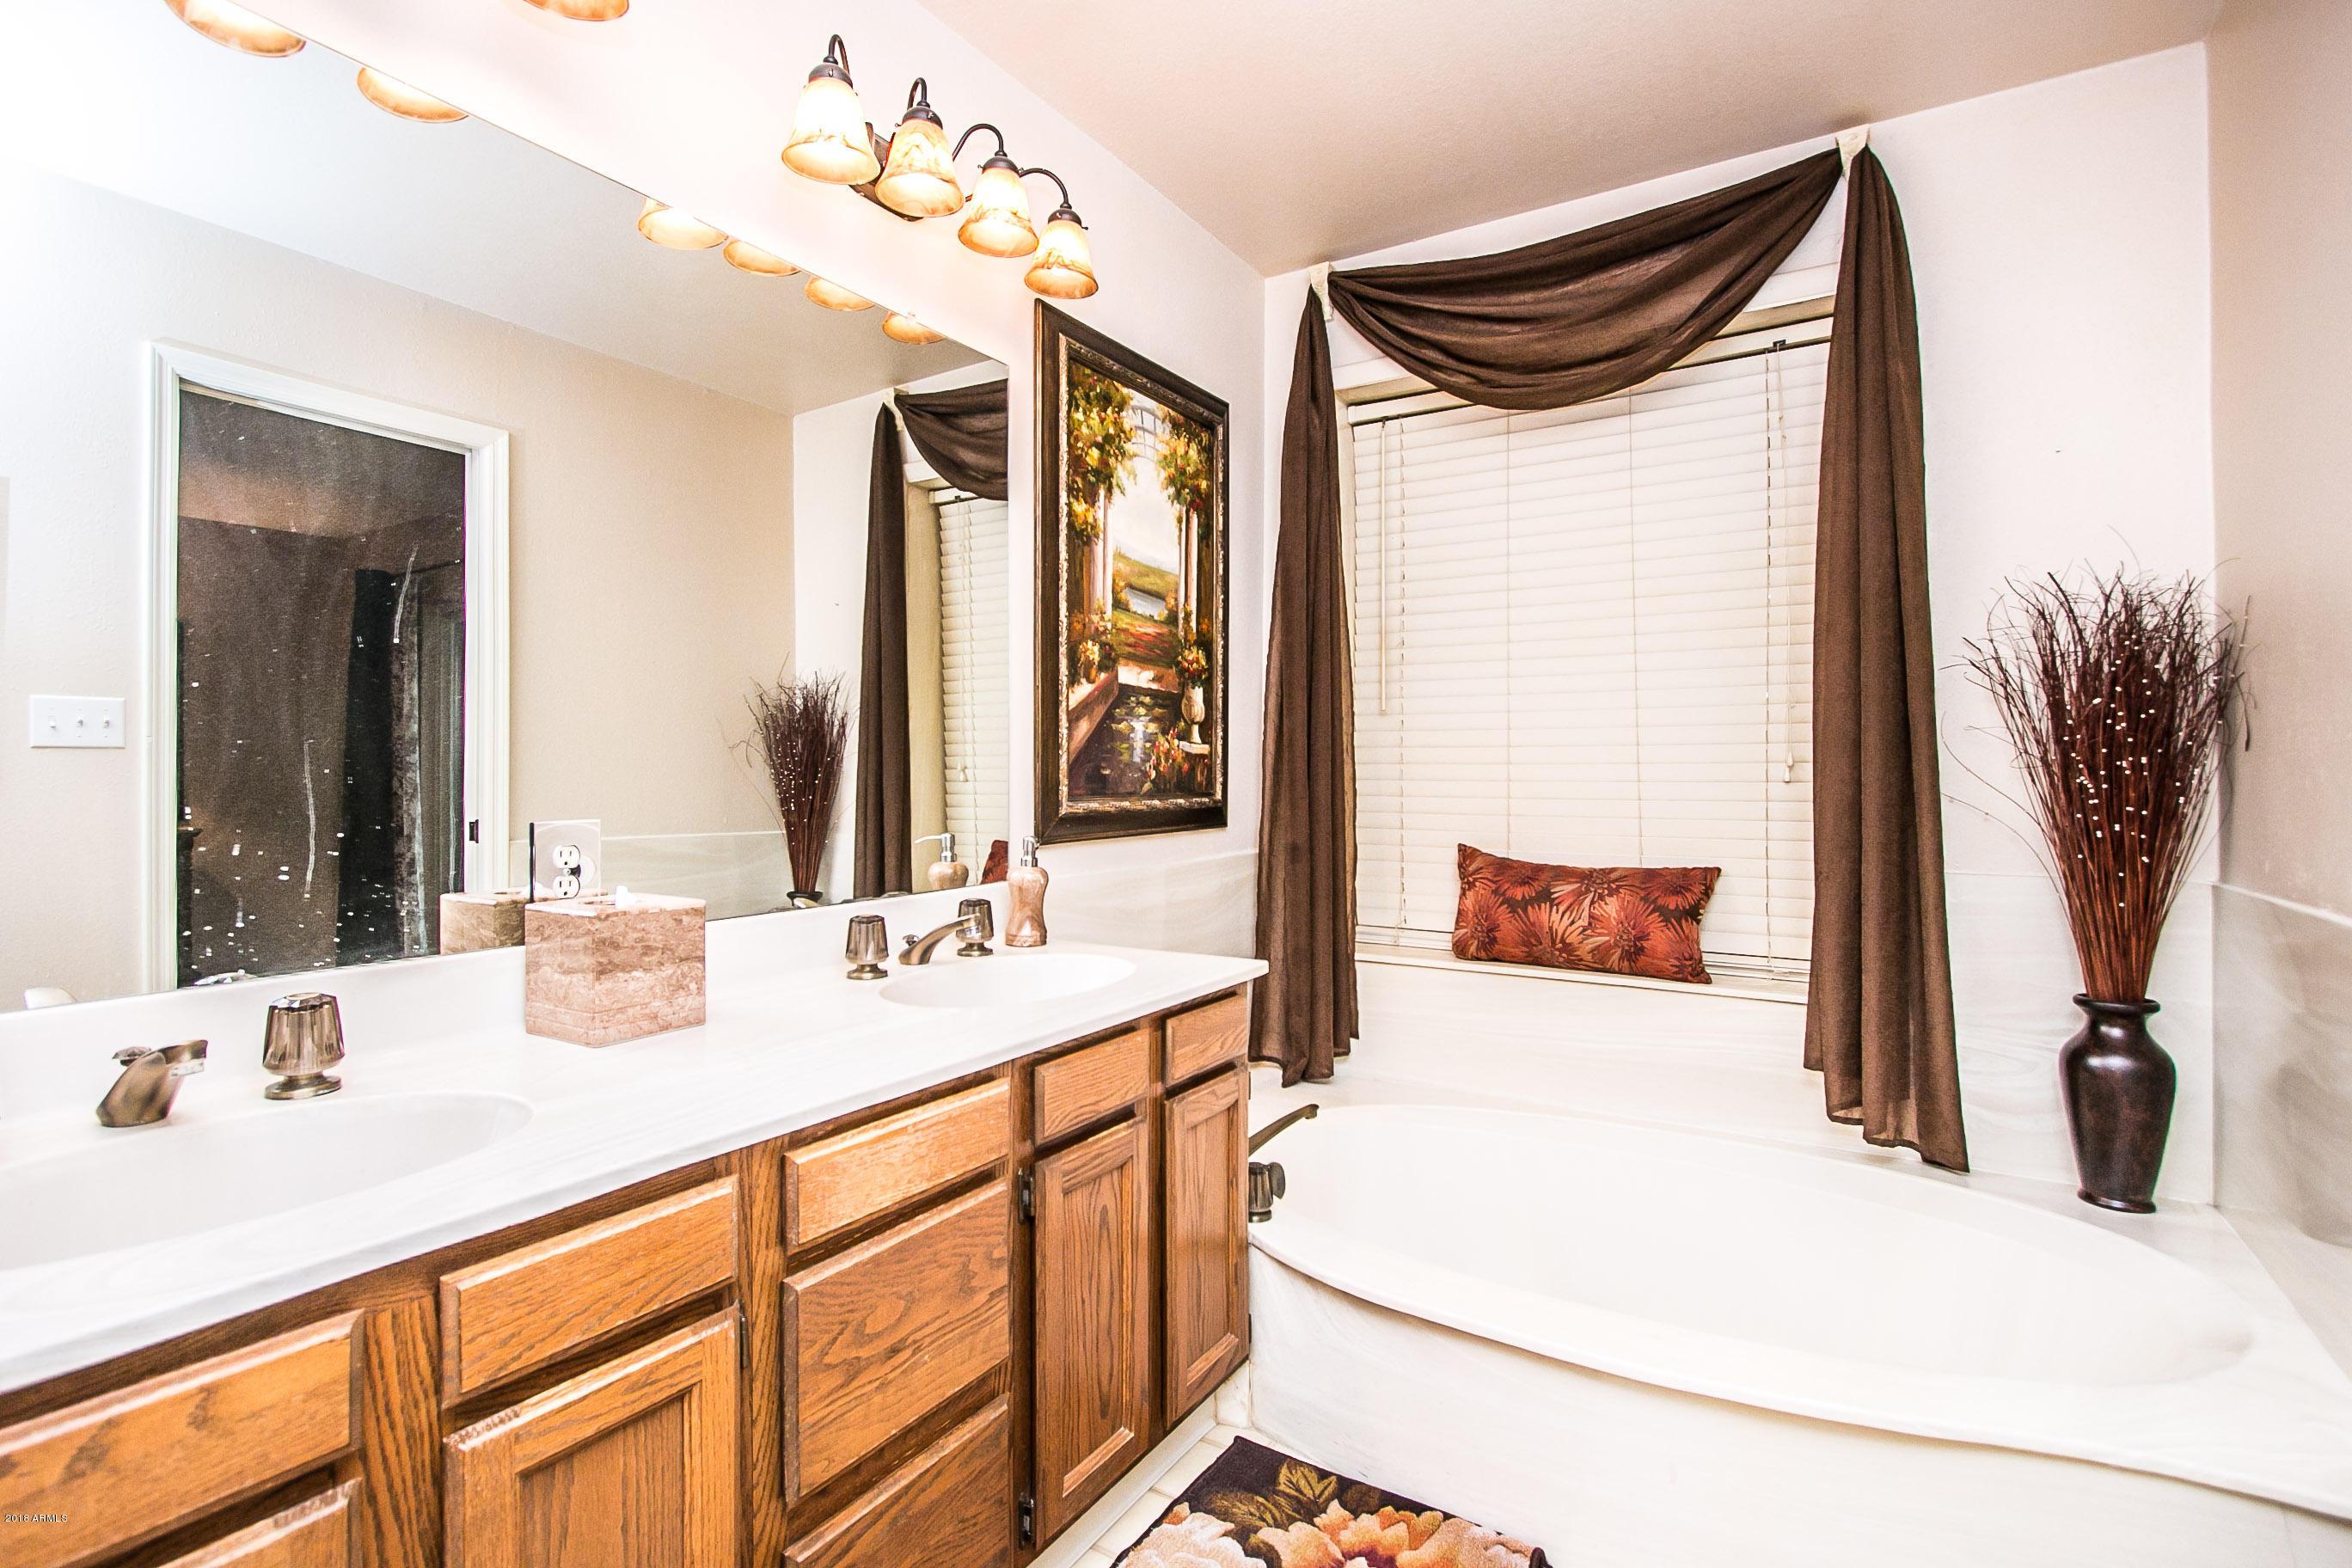 3401 N 37TH Street Unit 7 Phoenix, AZ 85018 - MLS #: 5850200